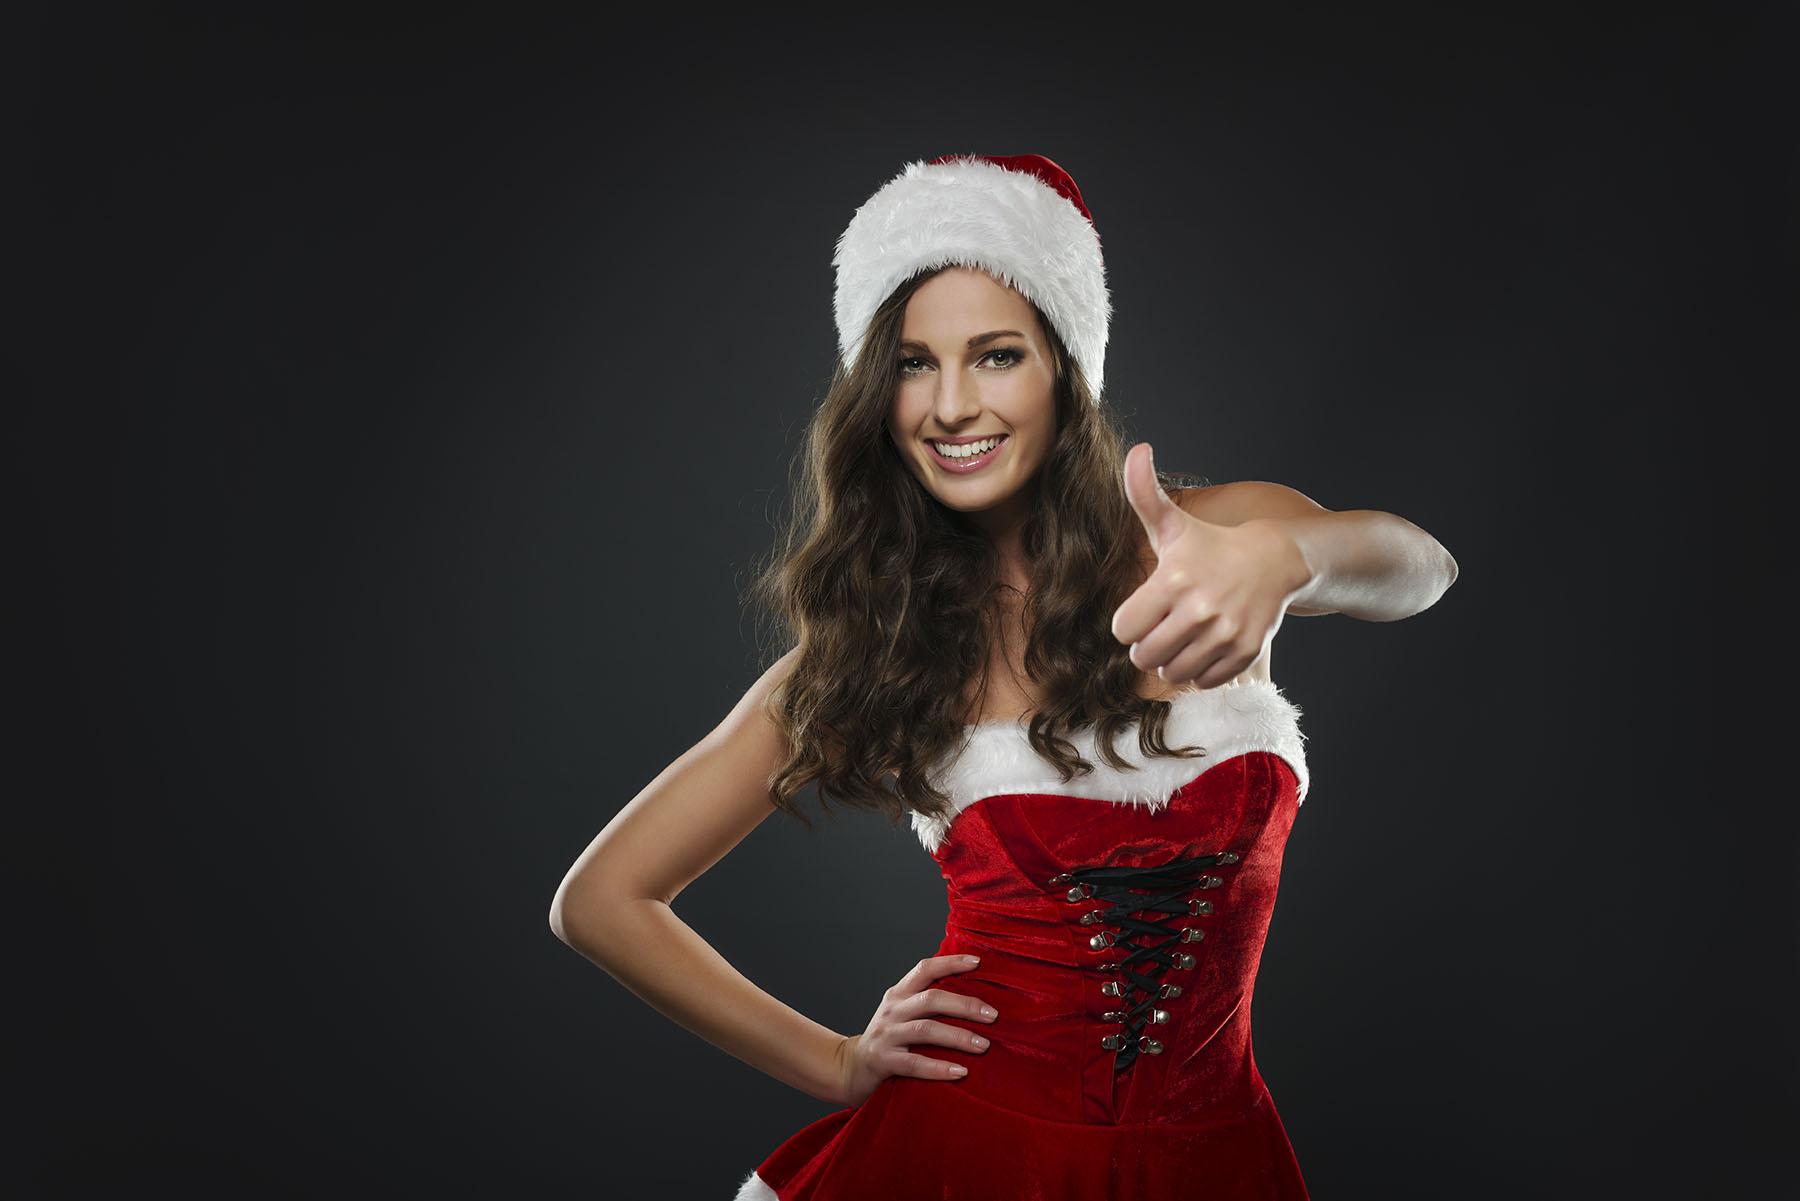 Christmas girl on black